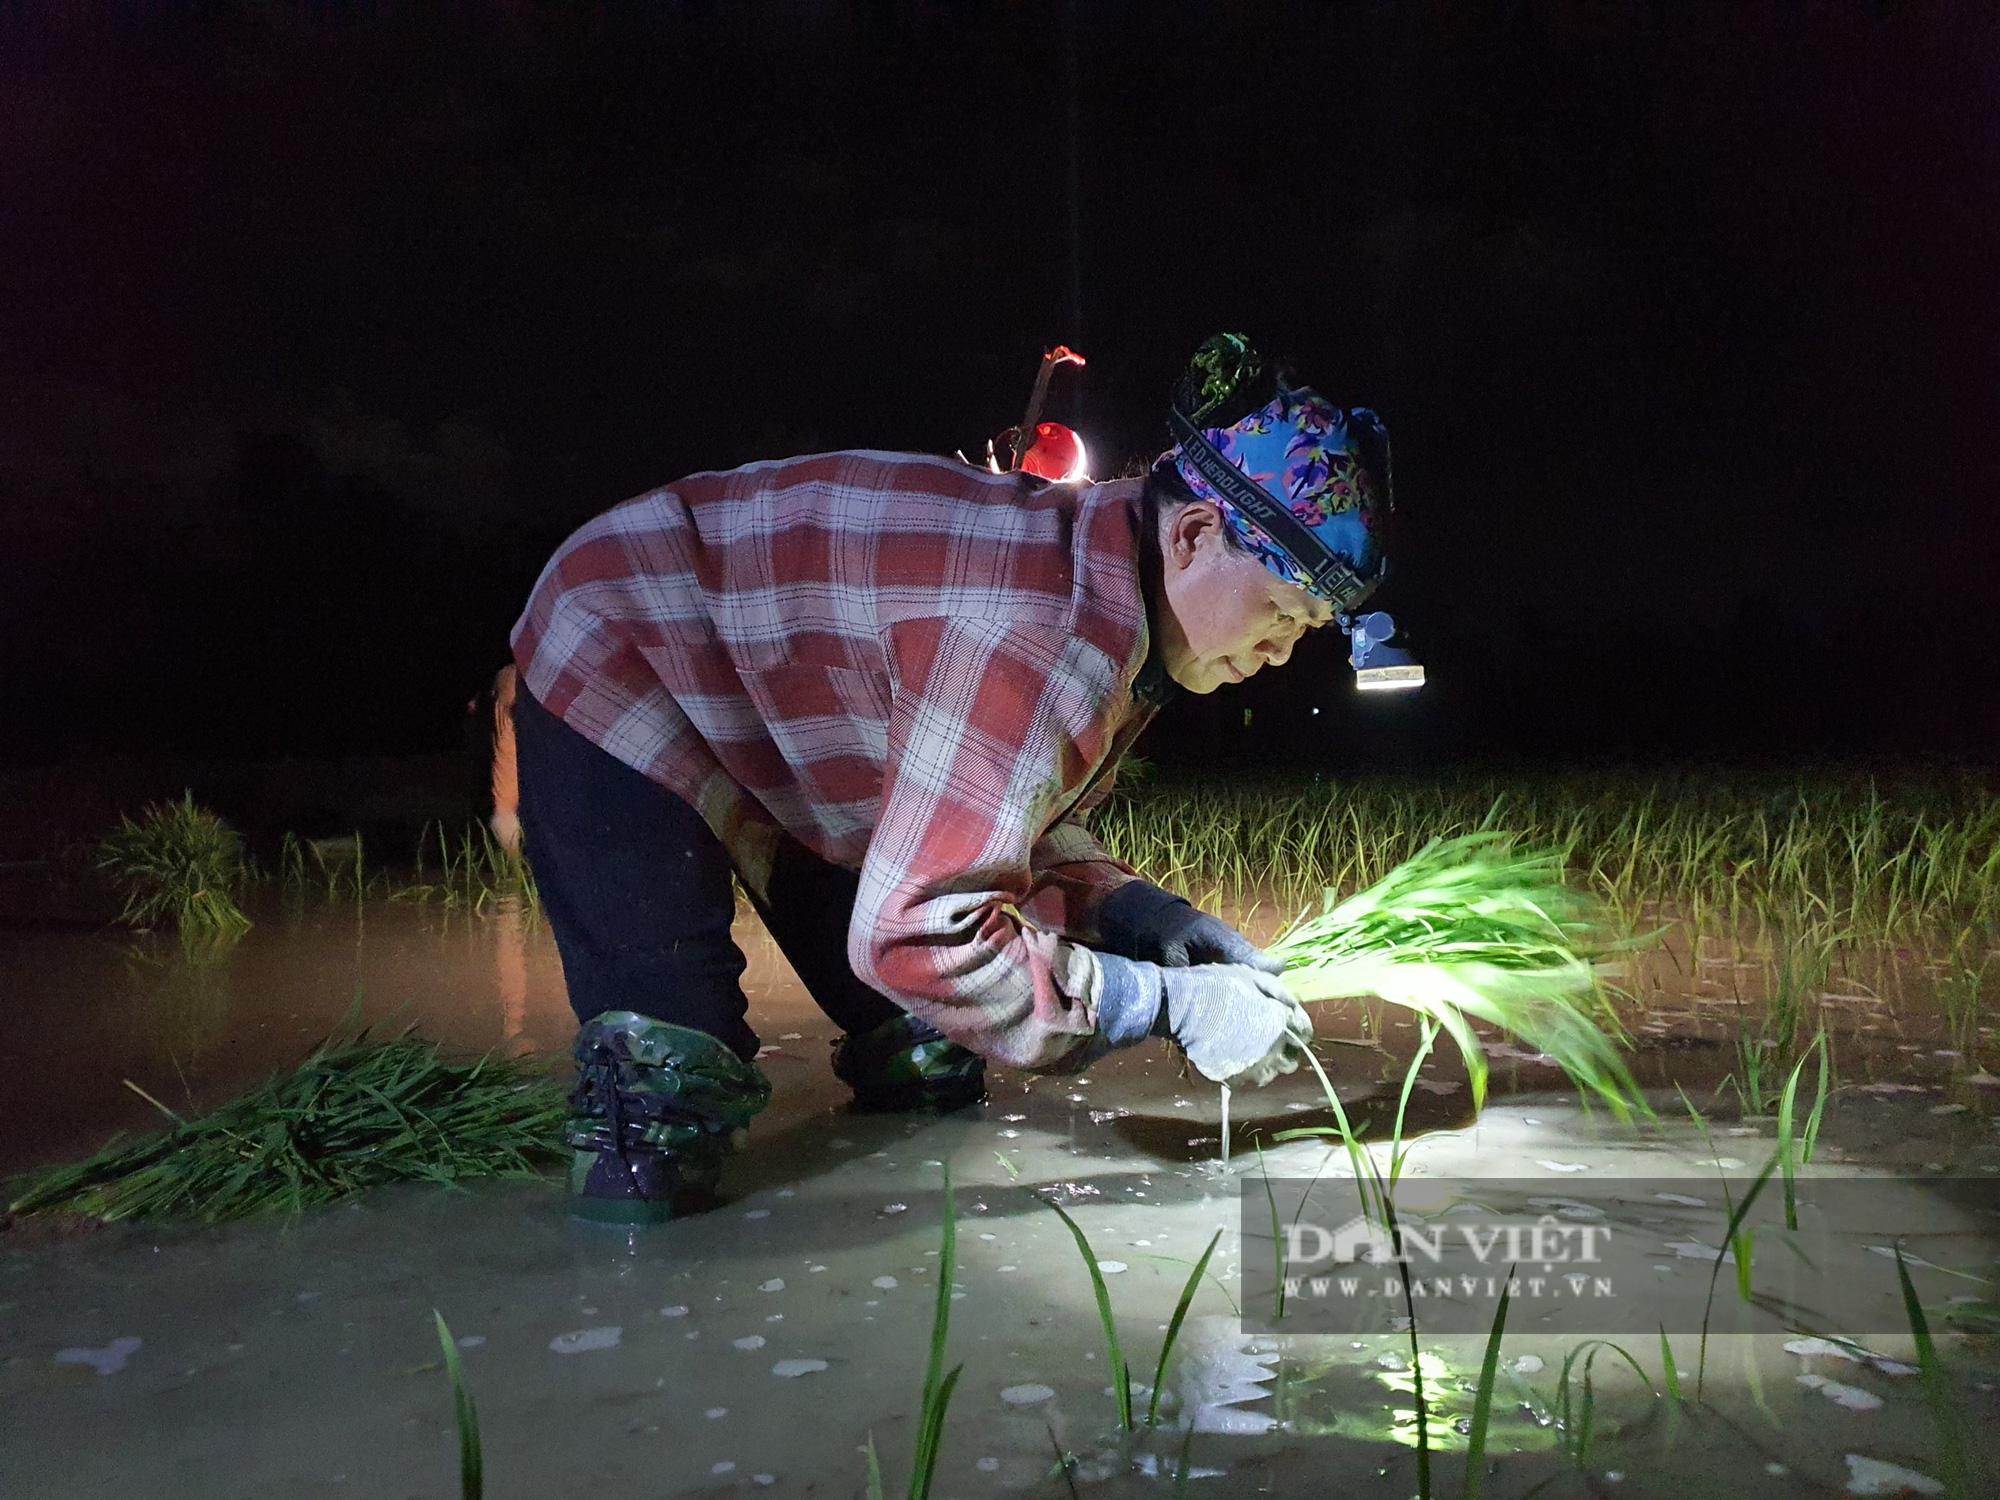 Thanh Hoá: Nắng nóng 40C nông dân Thanh Hóa chong đèn đi cấy lúa đêm  - Ảnh 2.